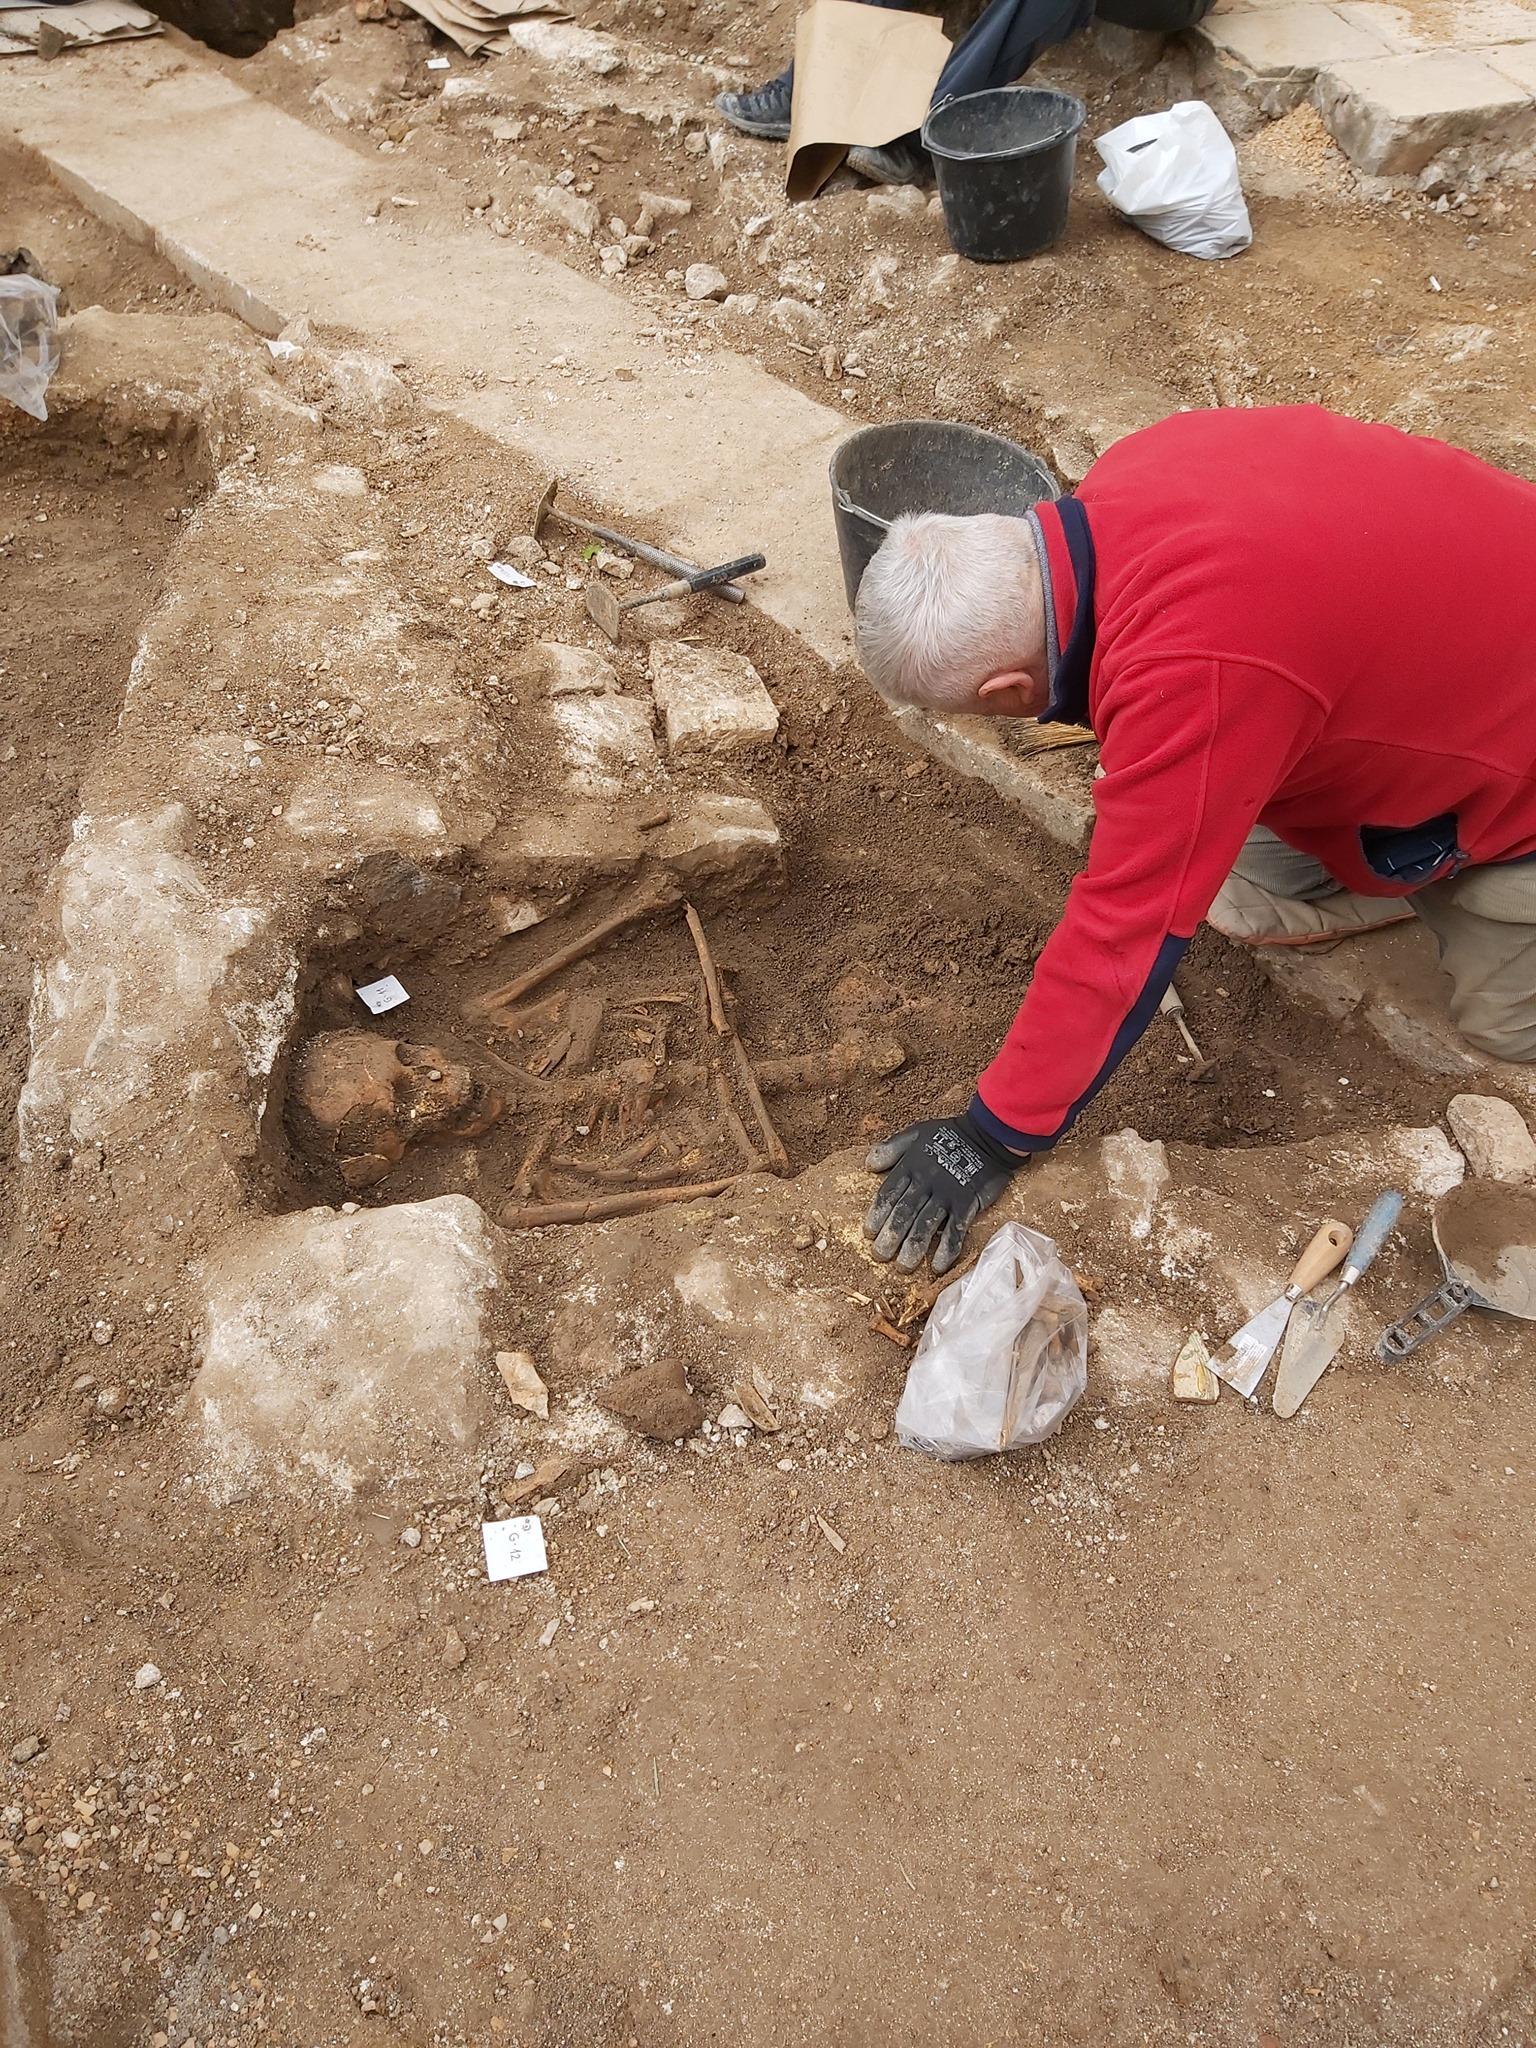 Uz samostan sv frane u sibeniku otkriveno staro groblje 1